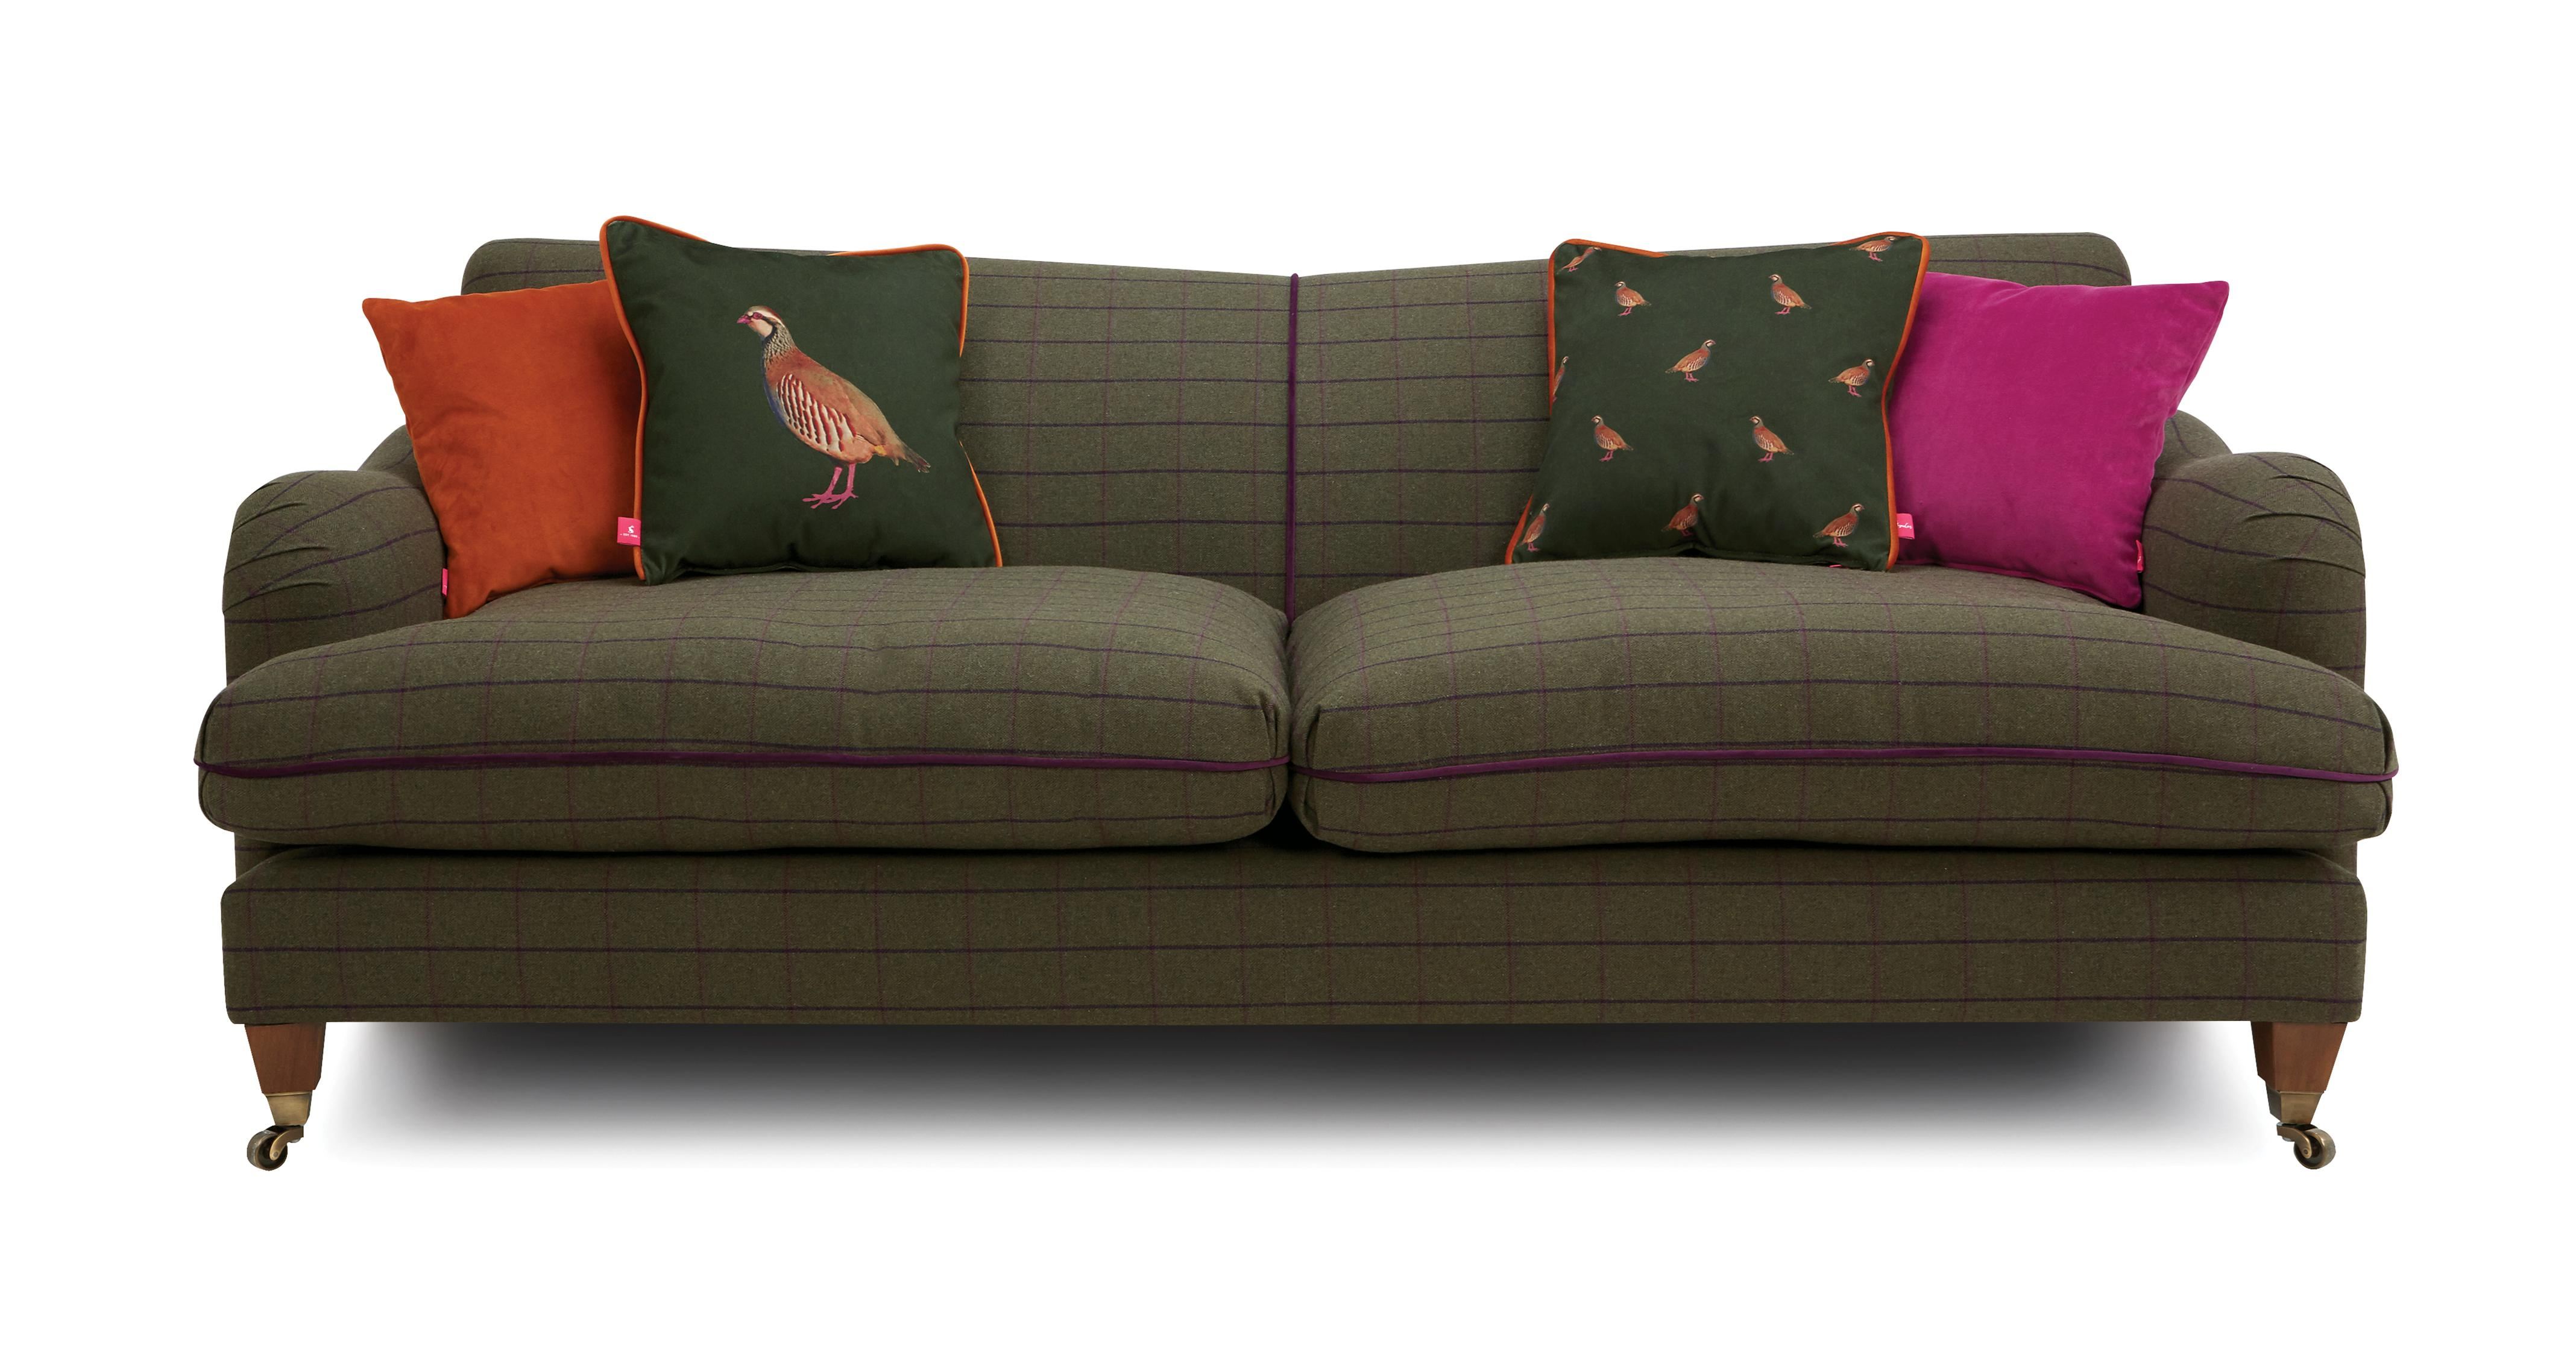 Ilkley Tweed 4 Seater Sofa Heritage Tweed Dfs